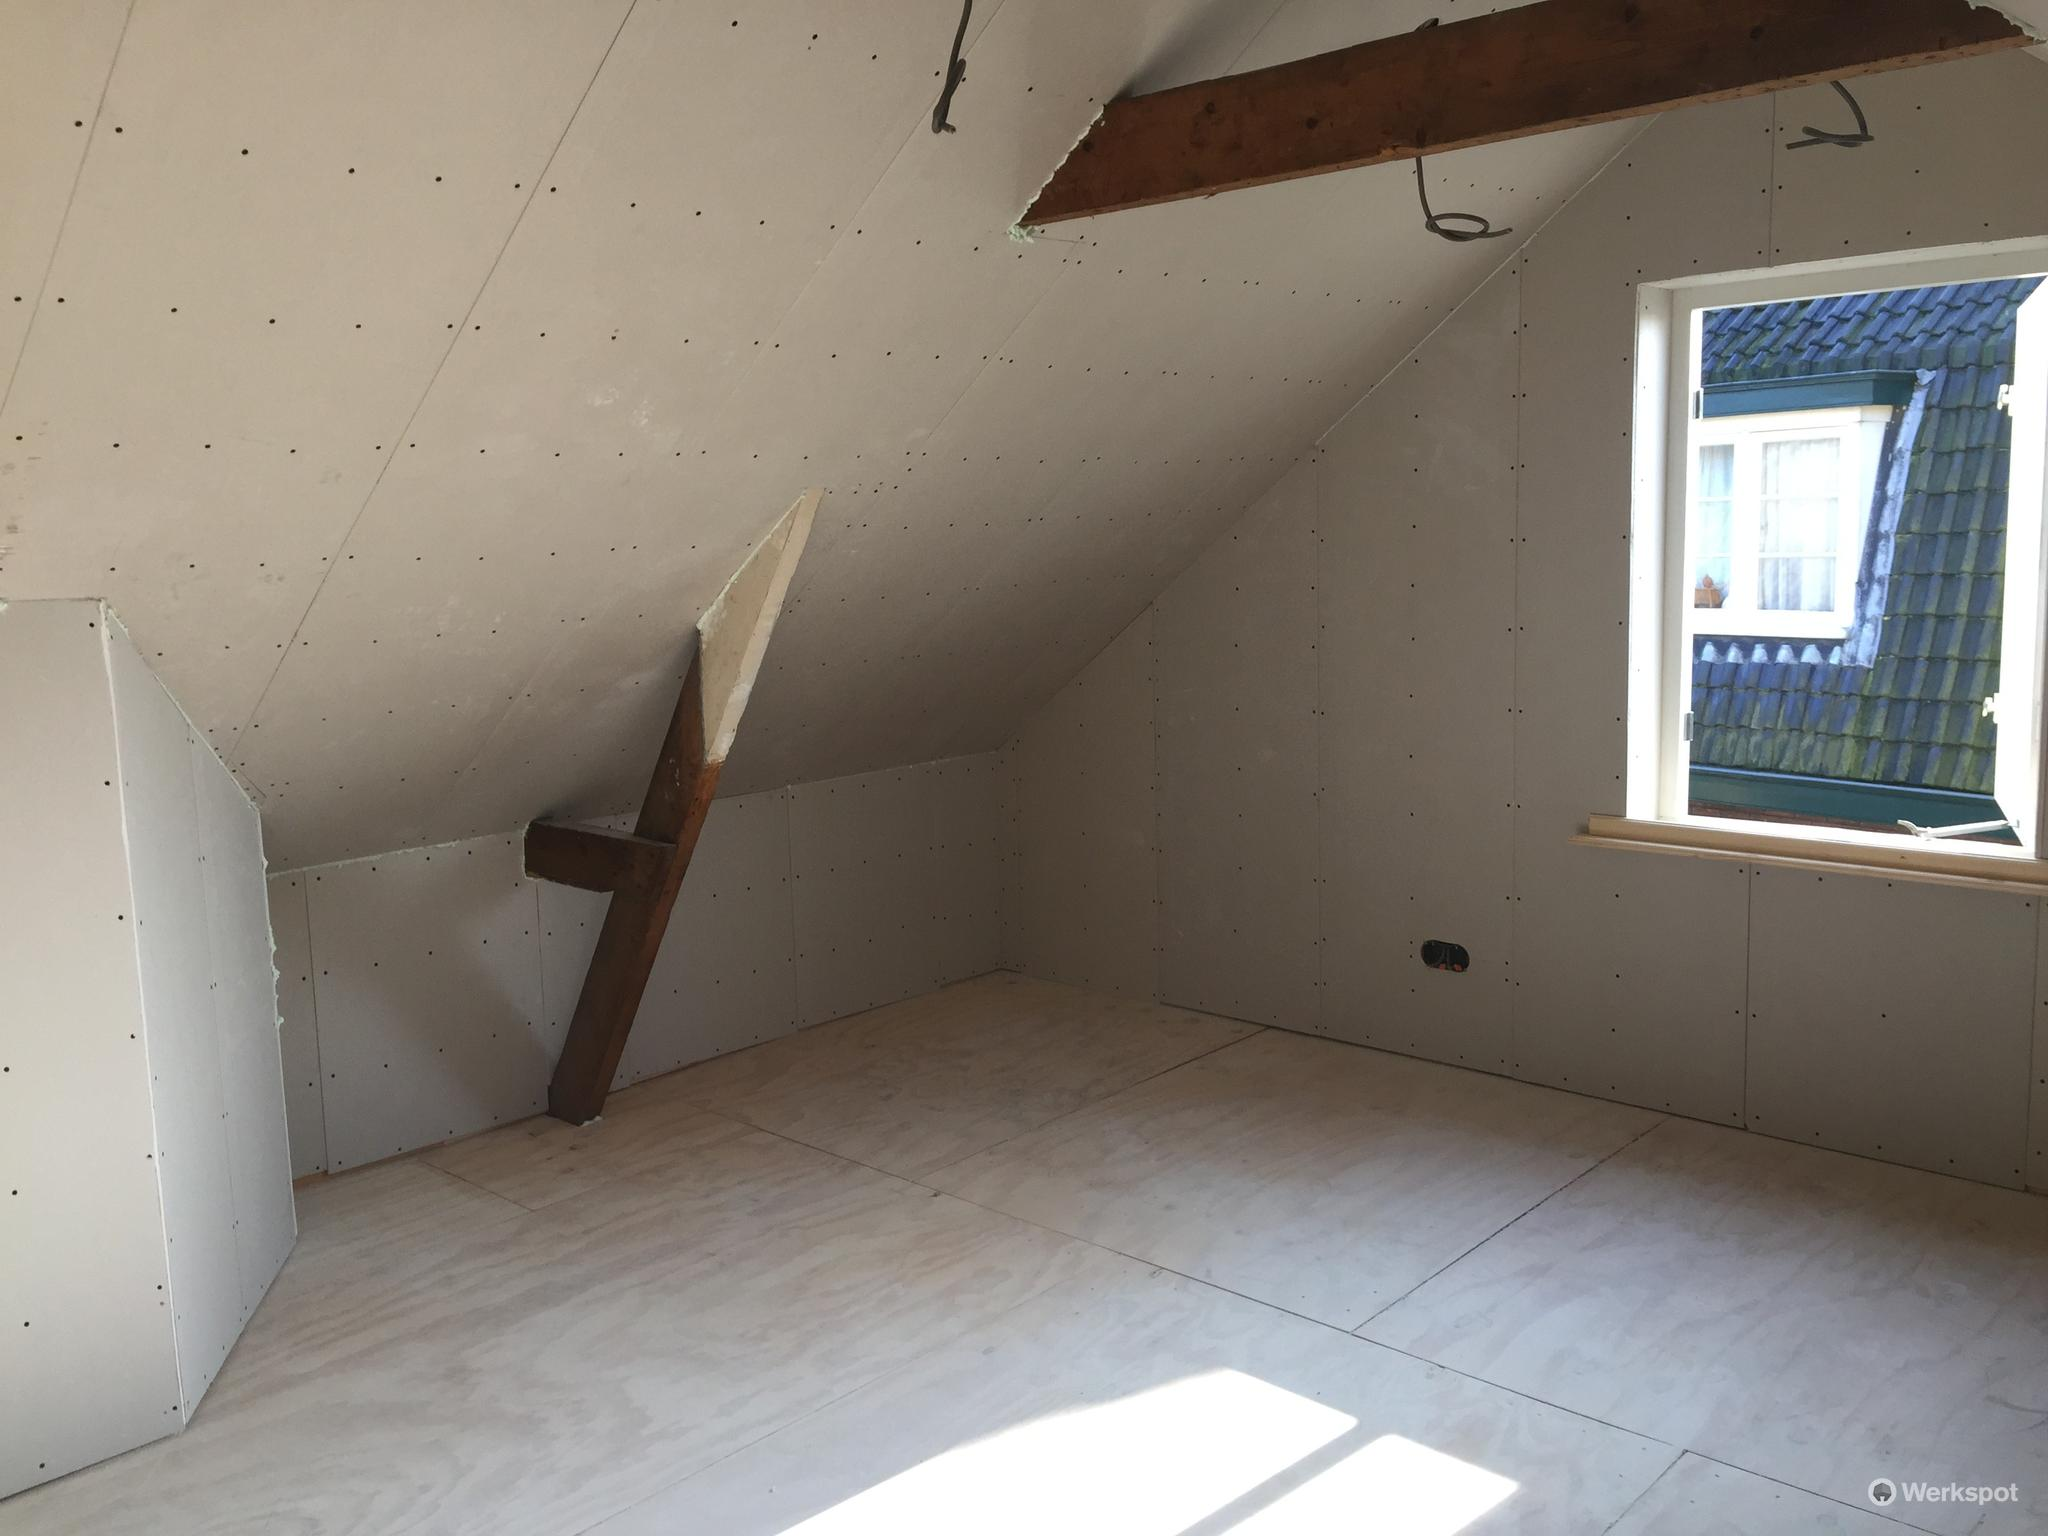 Kale zolder verbouwen naar twee slaapkamers - Werkspot